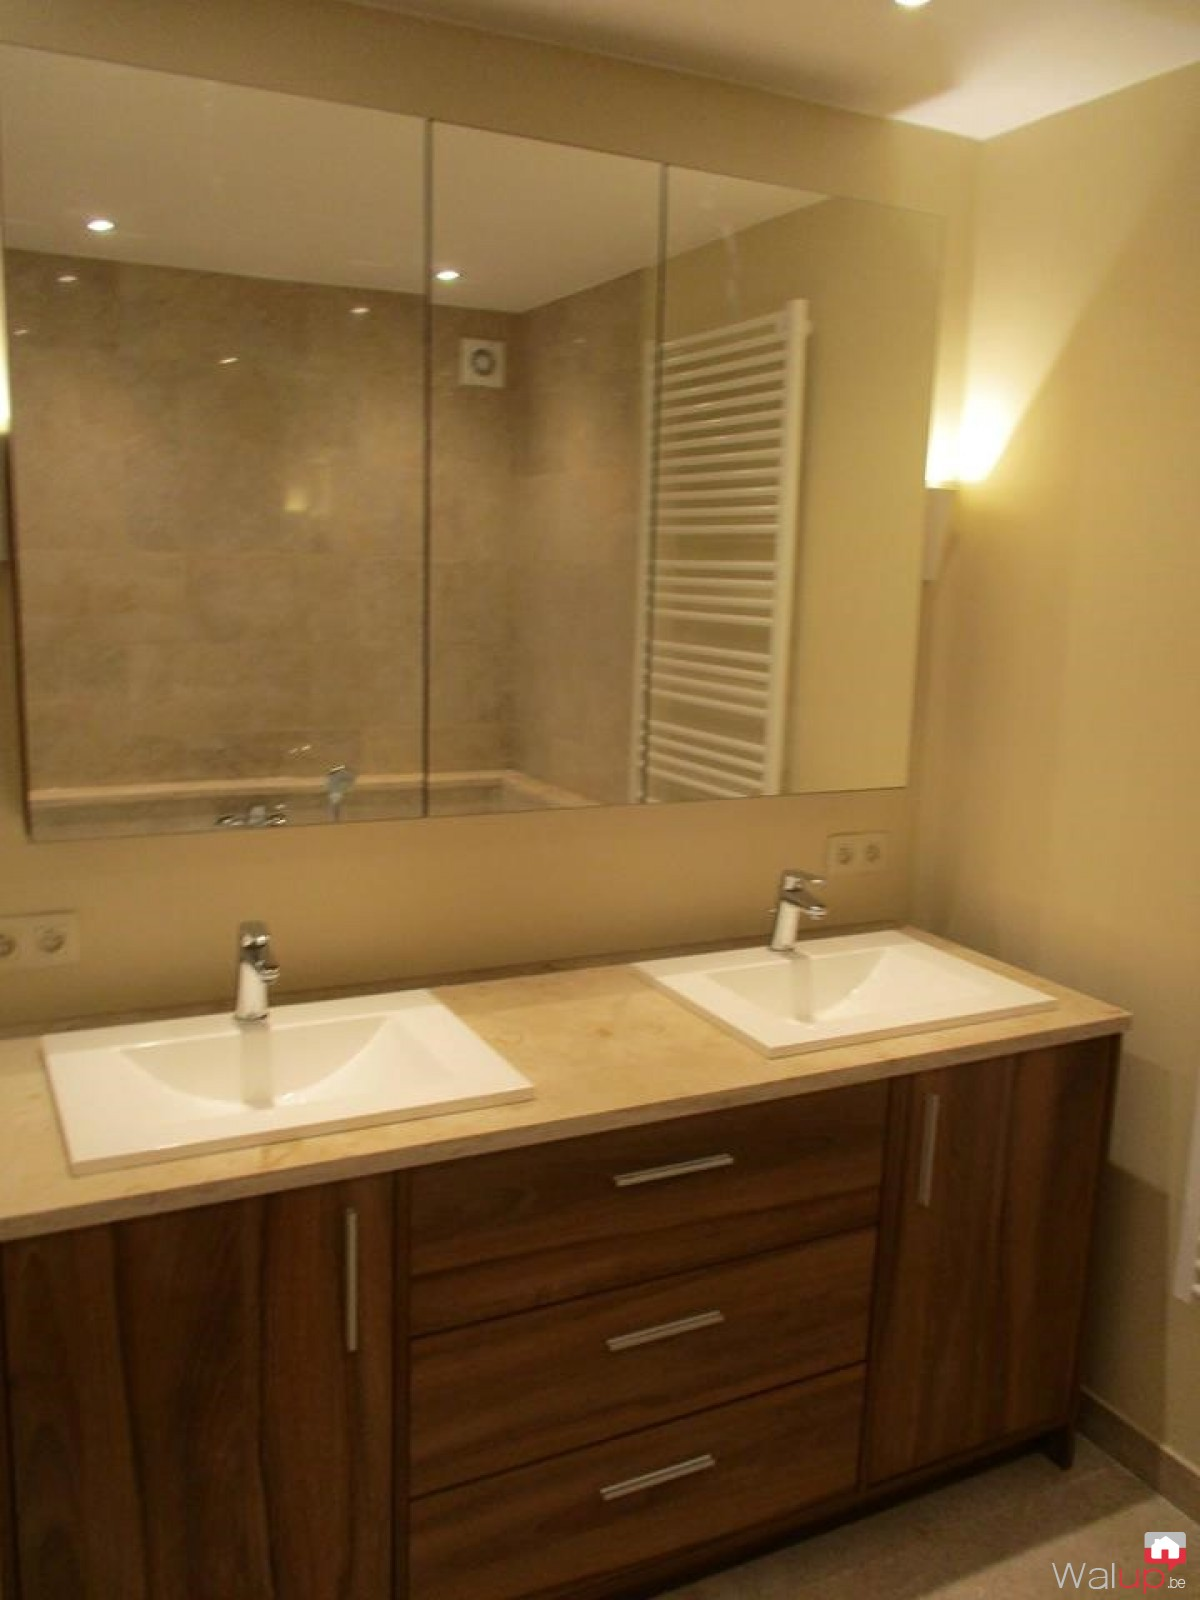 Meuble salle de bain sur mesure tournai par evolumeuble for Porte meuble salle de bain sur mesure